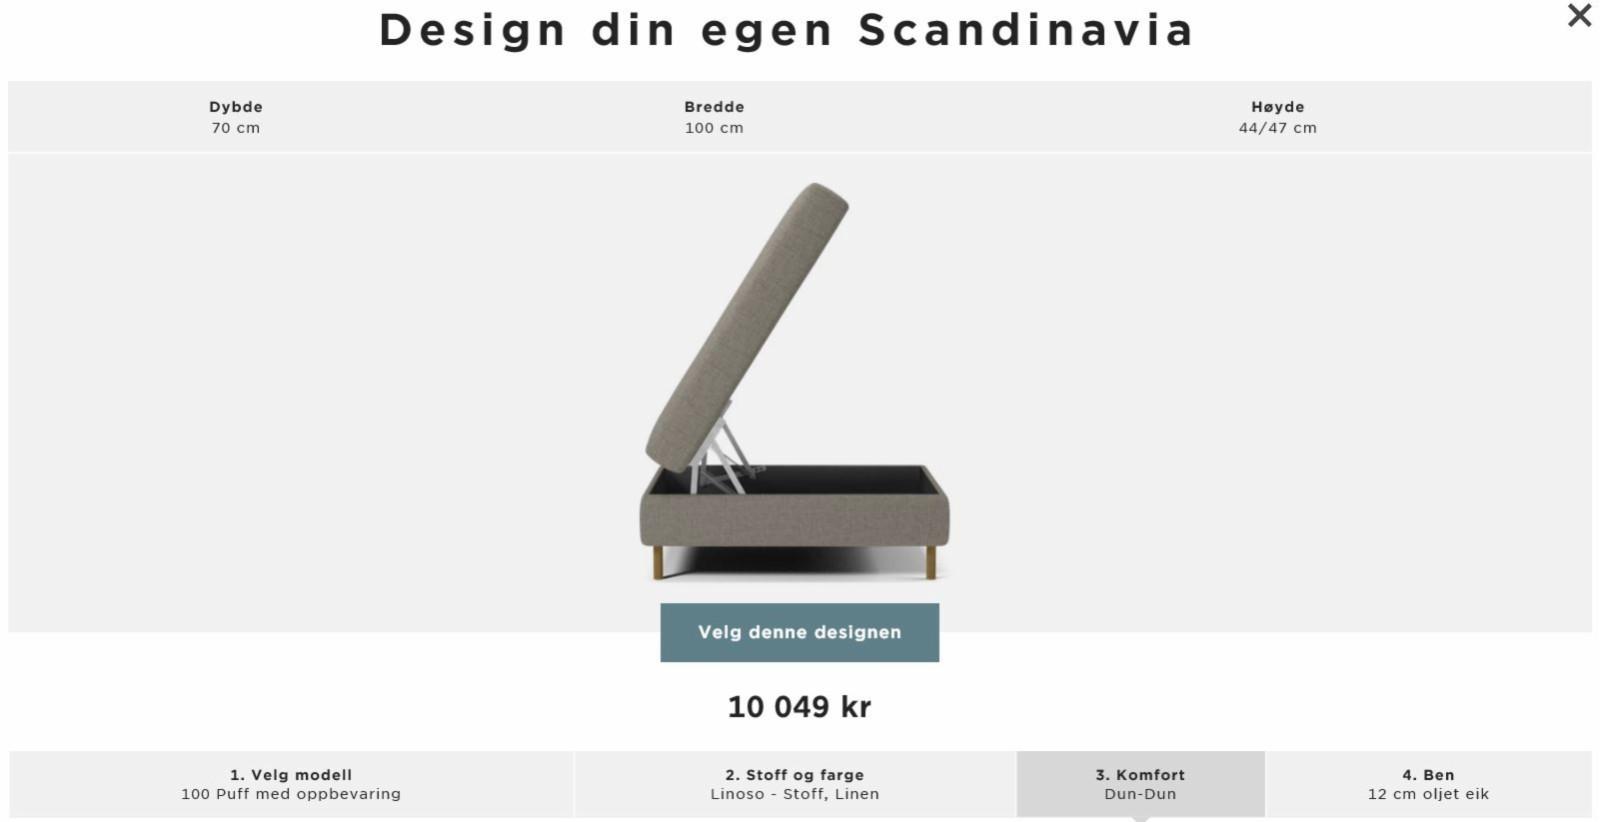 Bolia scandinavia puff (Linoso-linen, dun-dun) - Oslo  - ca 1 1/2 år gammel puff fra bolia selges. Nypris fra bolia: kr 10.049,-. (vi betalte kr 4.424 på tilbud). Denne passer perfekt til sofaen som også selges, se annonse her: https://www.finn.no/bap/forsale/ad.html?finnkode=106669579 - Oslo